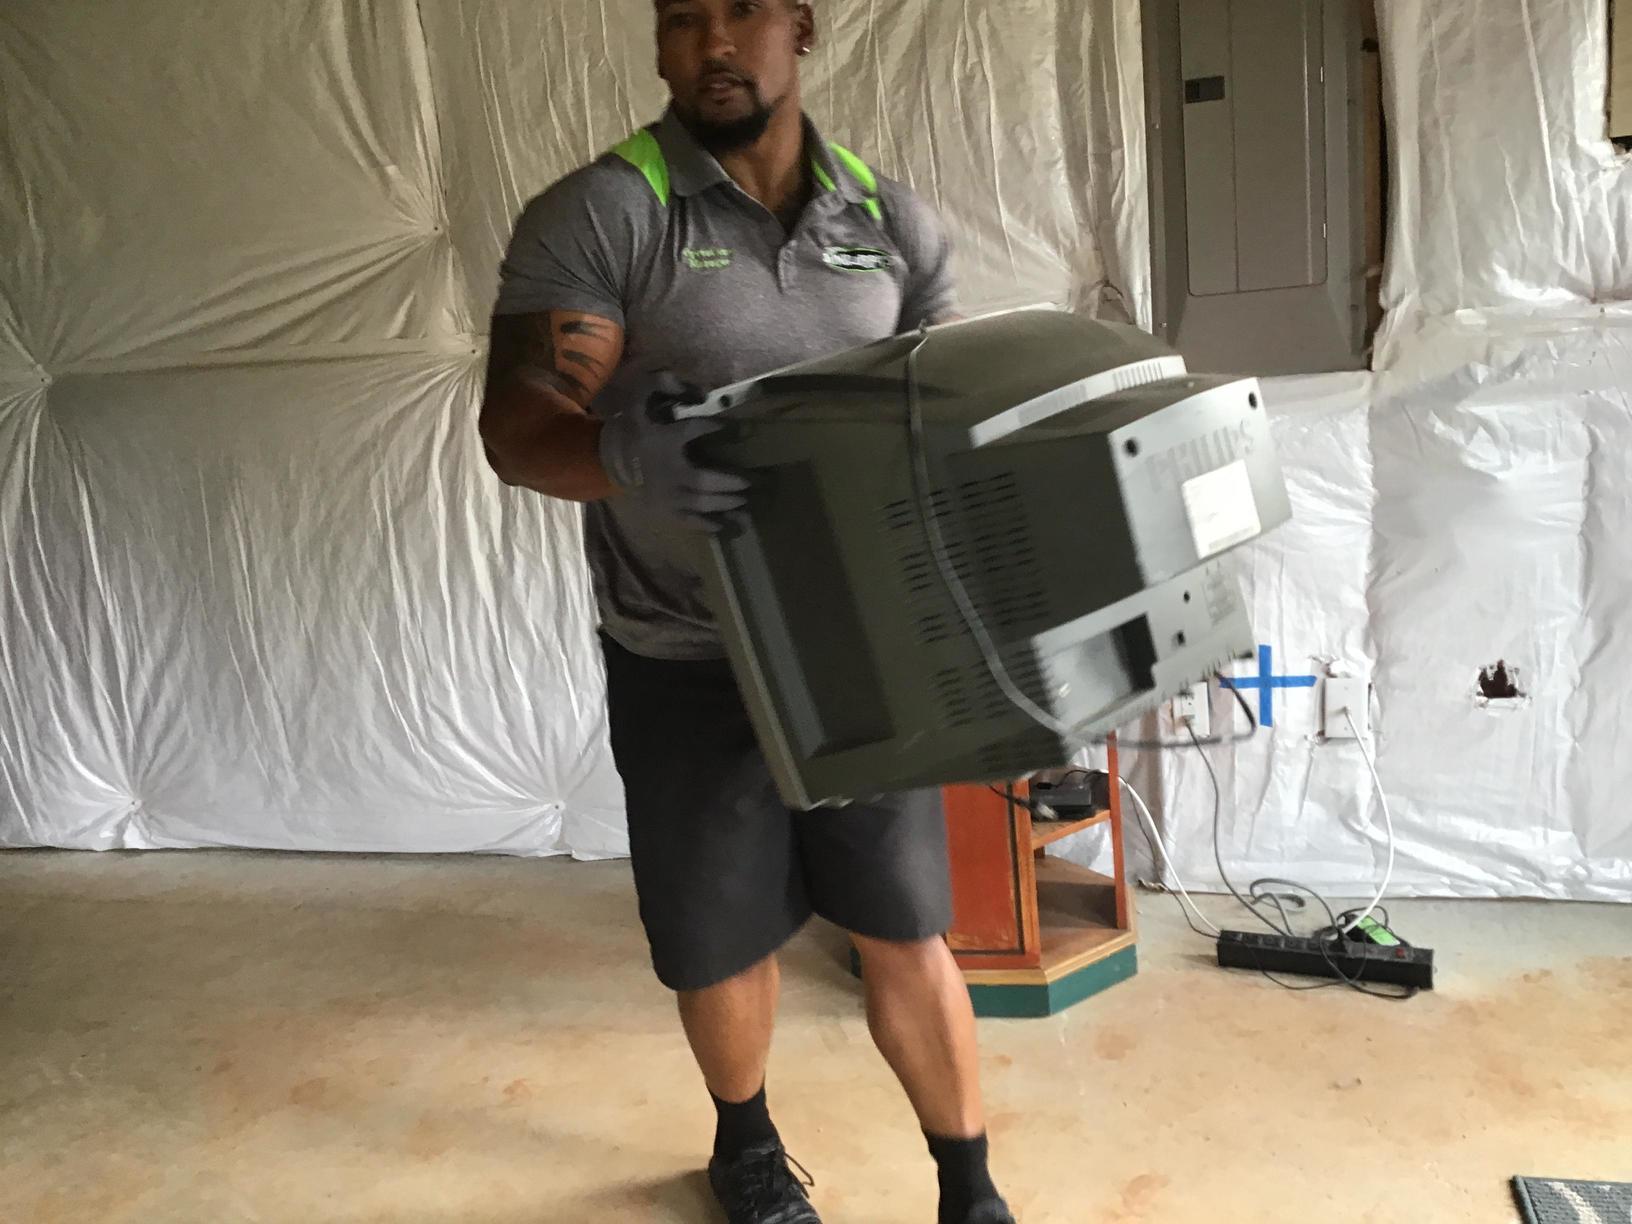 E-waste removal in Bealeton, VA